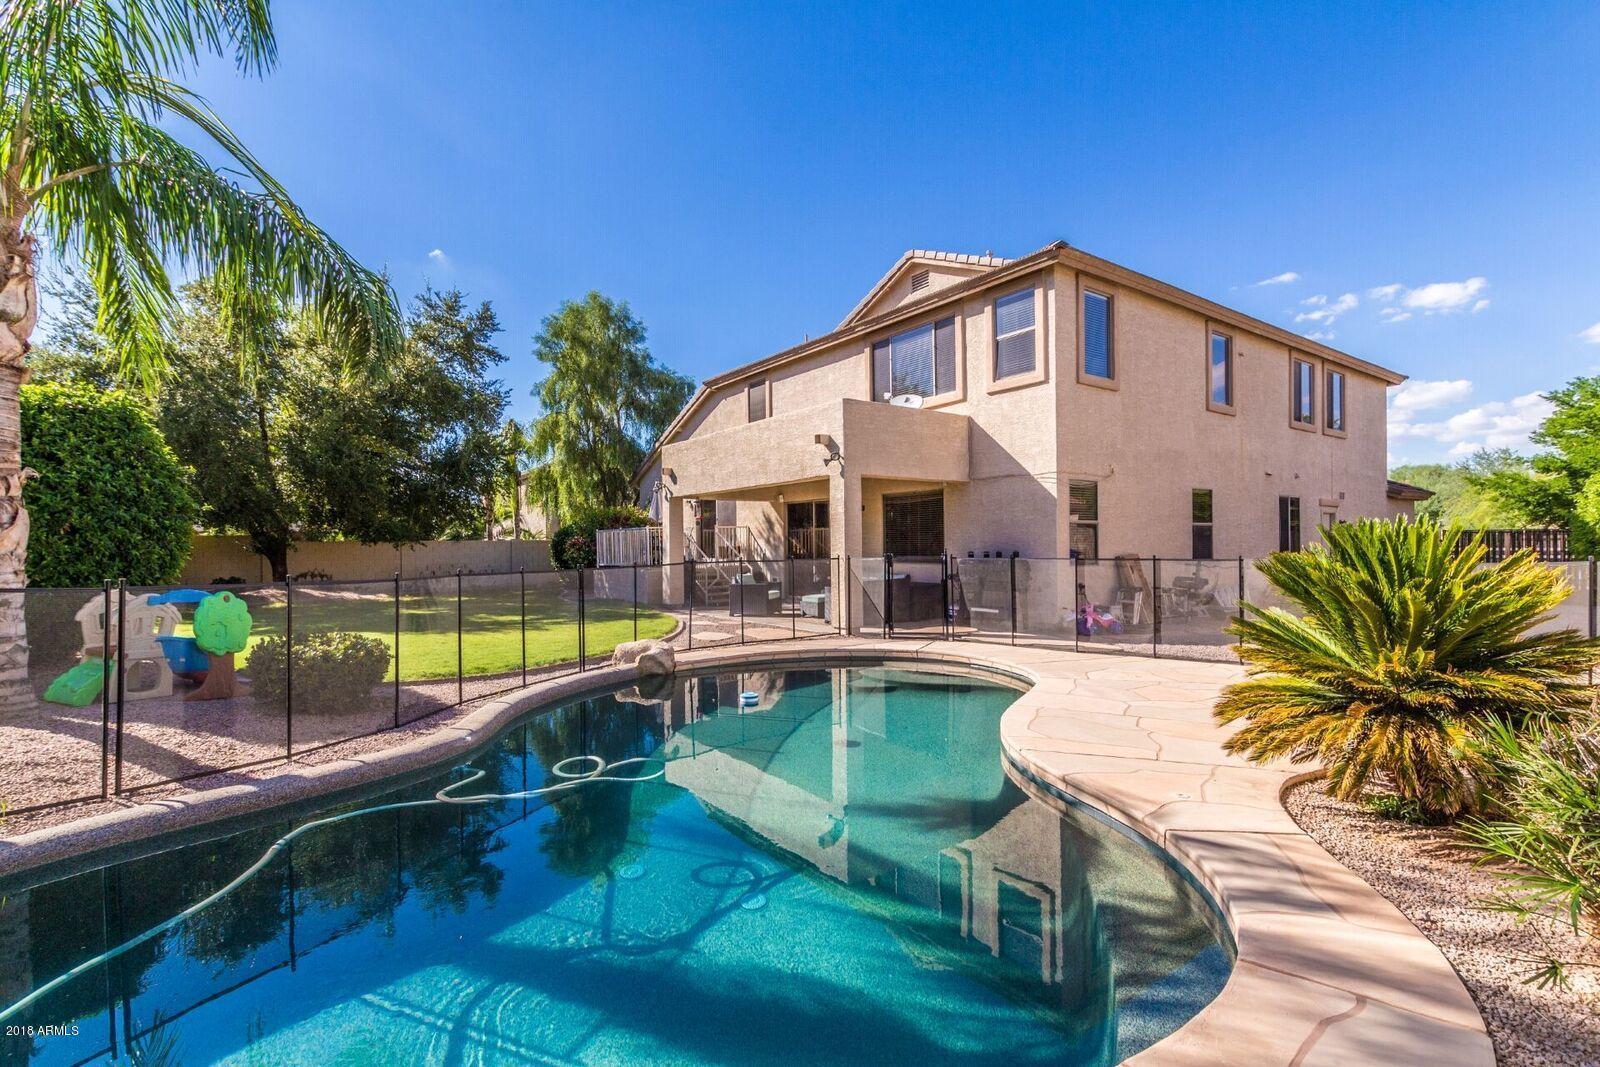 MLS 5828678 2651 E DESERT INN Drive, Chandler, AZ 85249 Chandler AZ Condo or Townhome